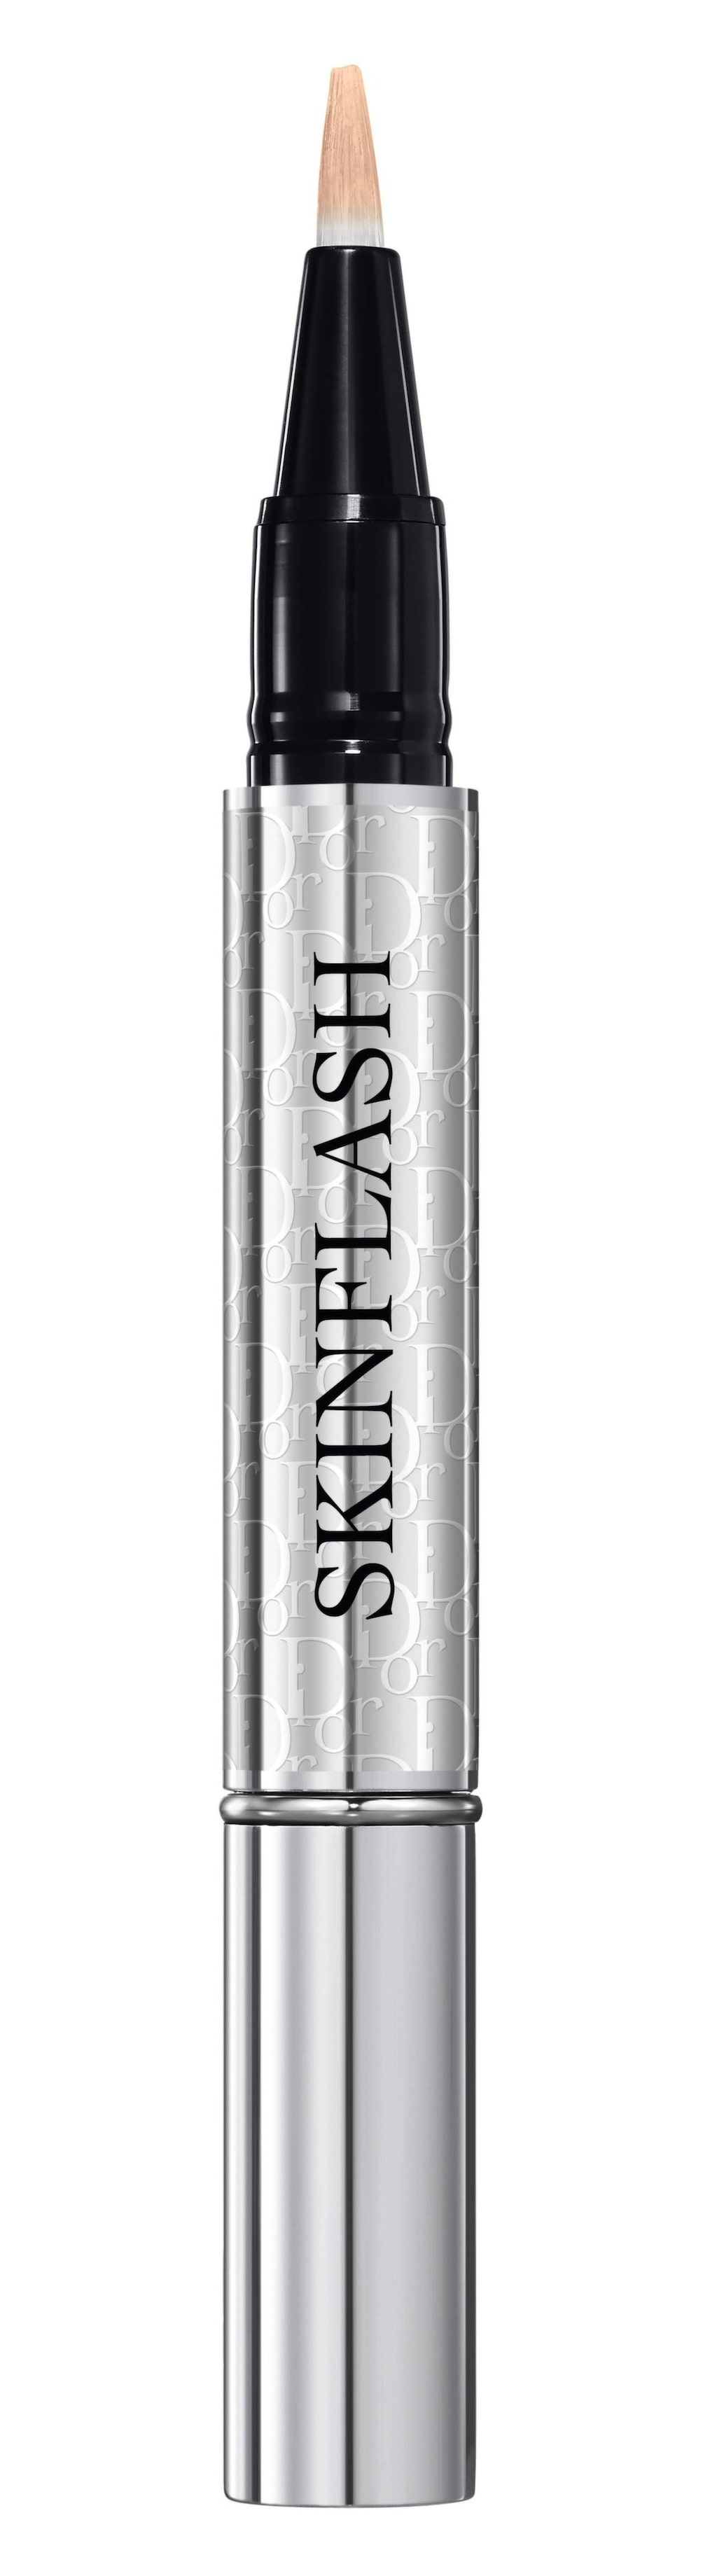 Bättrar på. Skinflash, korrigerande och lystergivande concealer perfekt för att förbättra en redan lagd makeup, 395 kronor, Dior, www.kicks.se